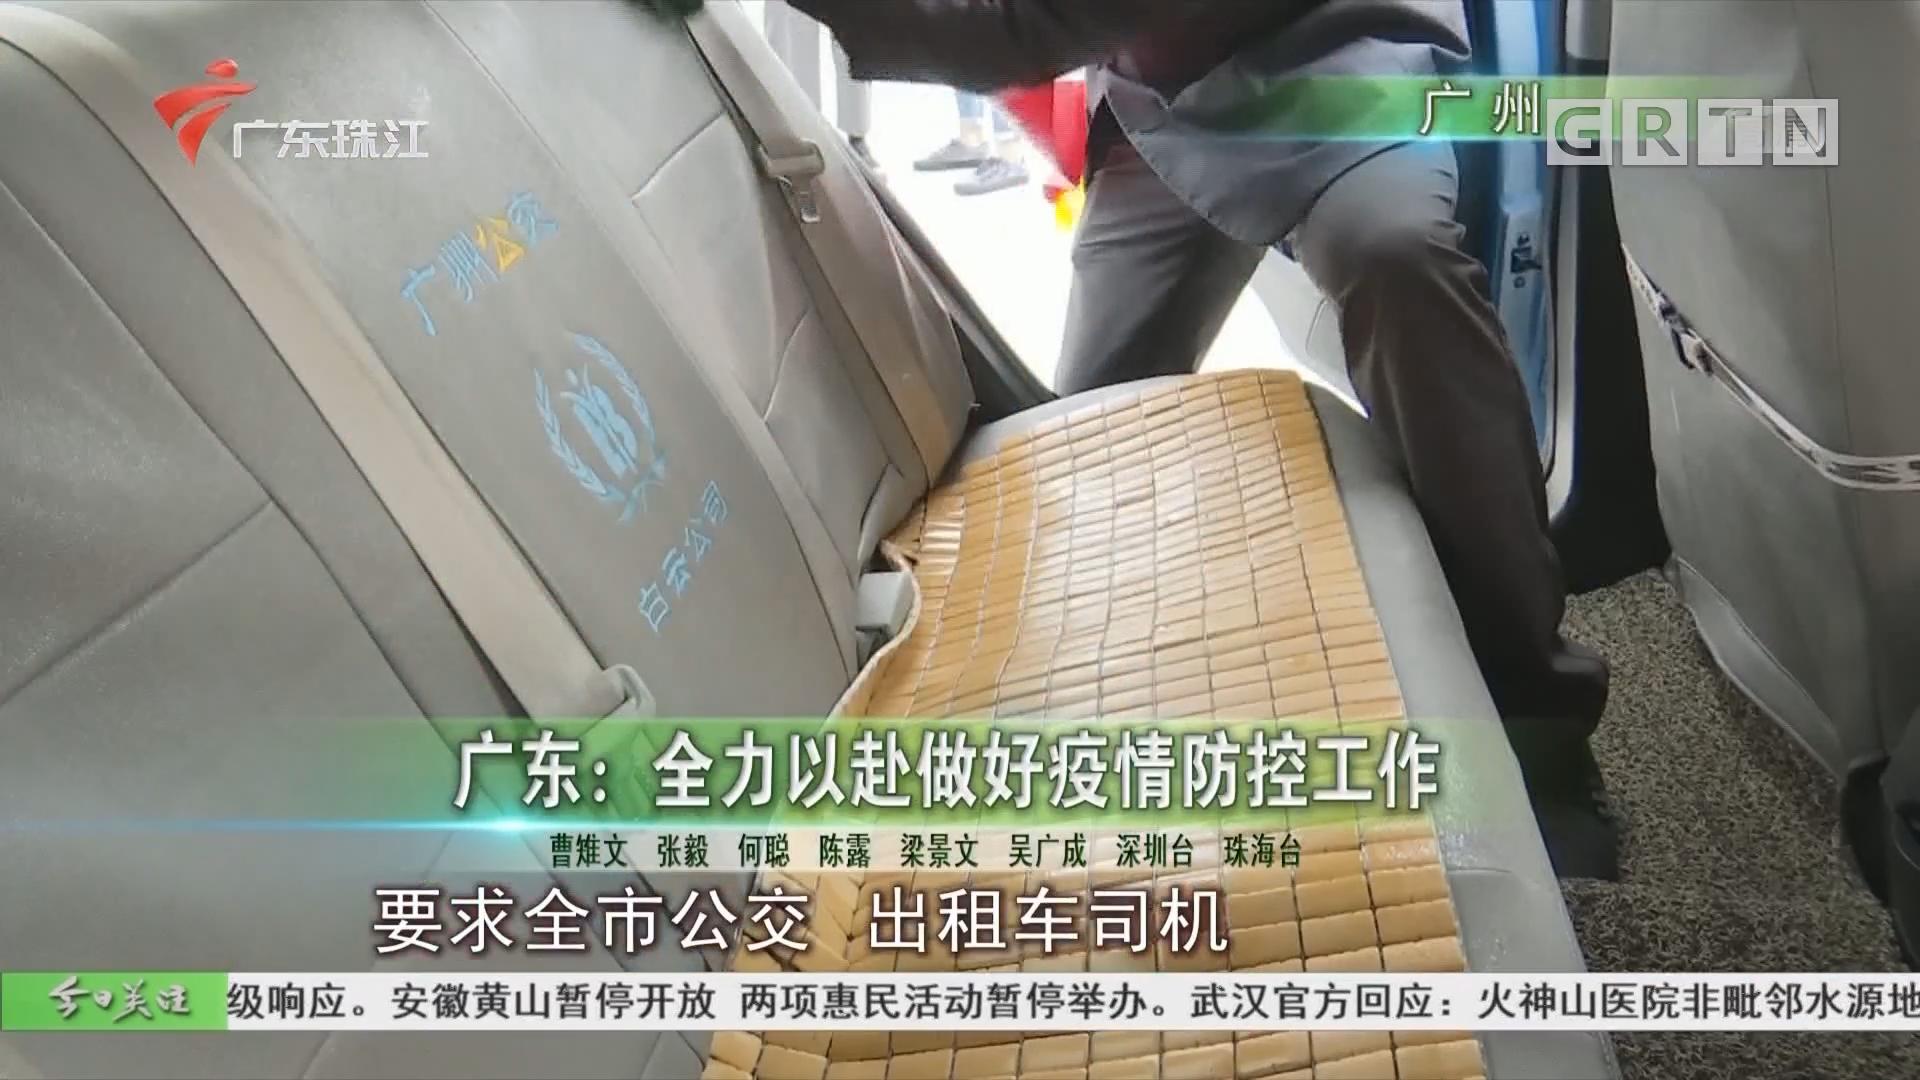 广东:全力以赴做好疫情防控工作